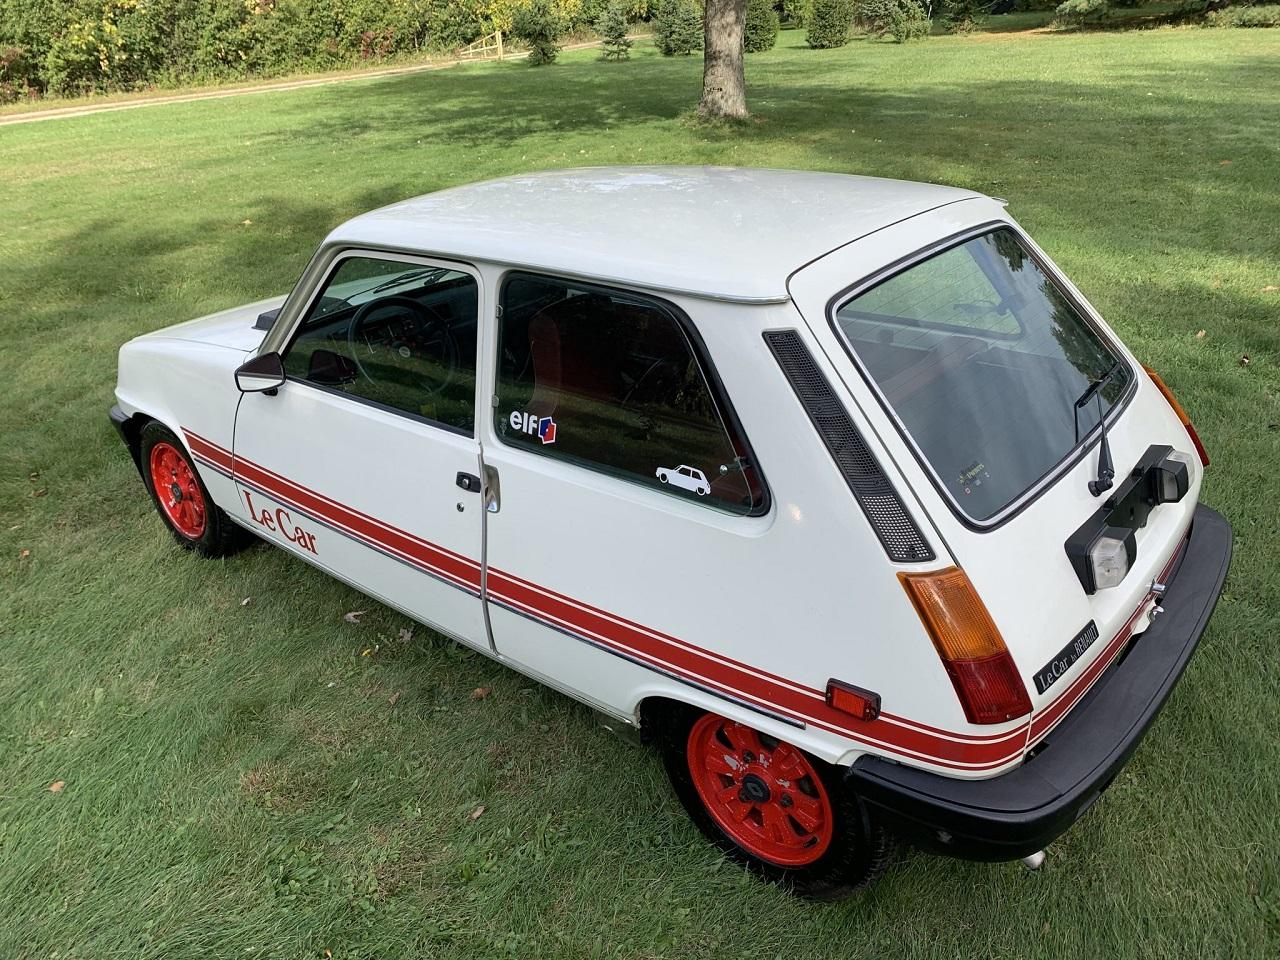 '79 Renault 5 Le Car - A la conquête de l'Amérique ! 9